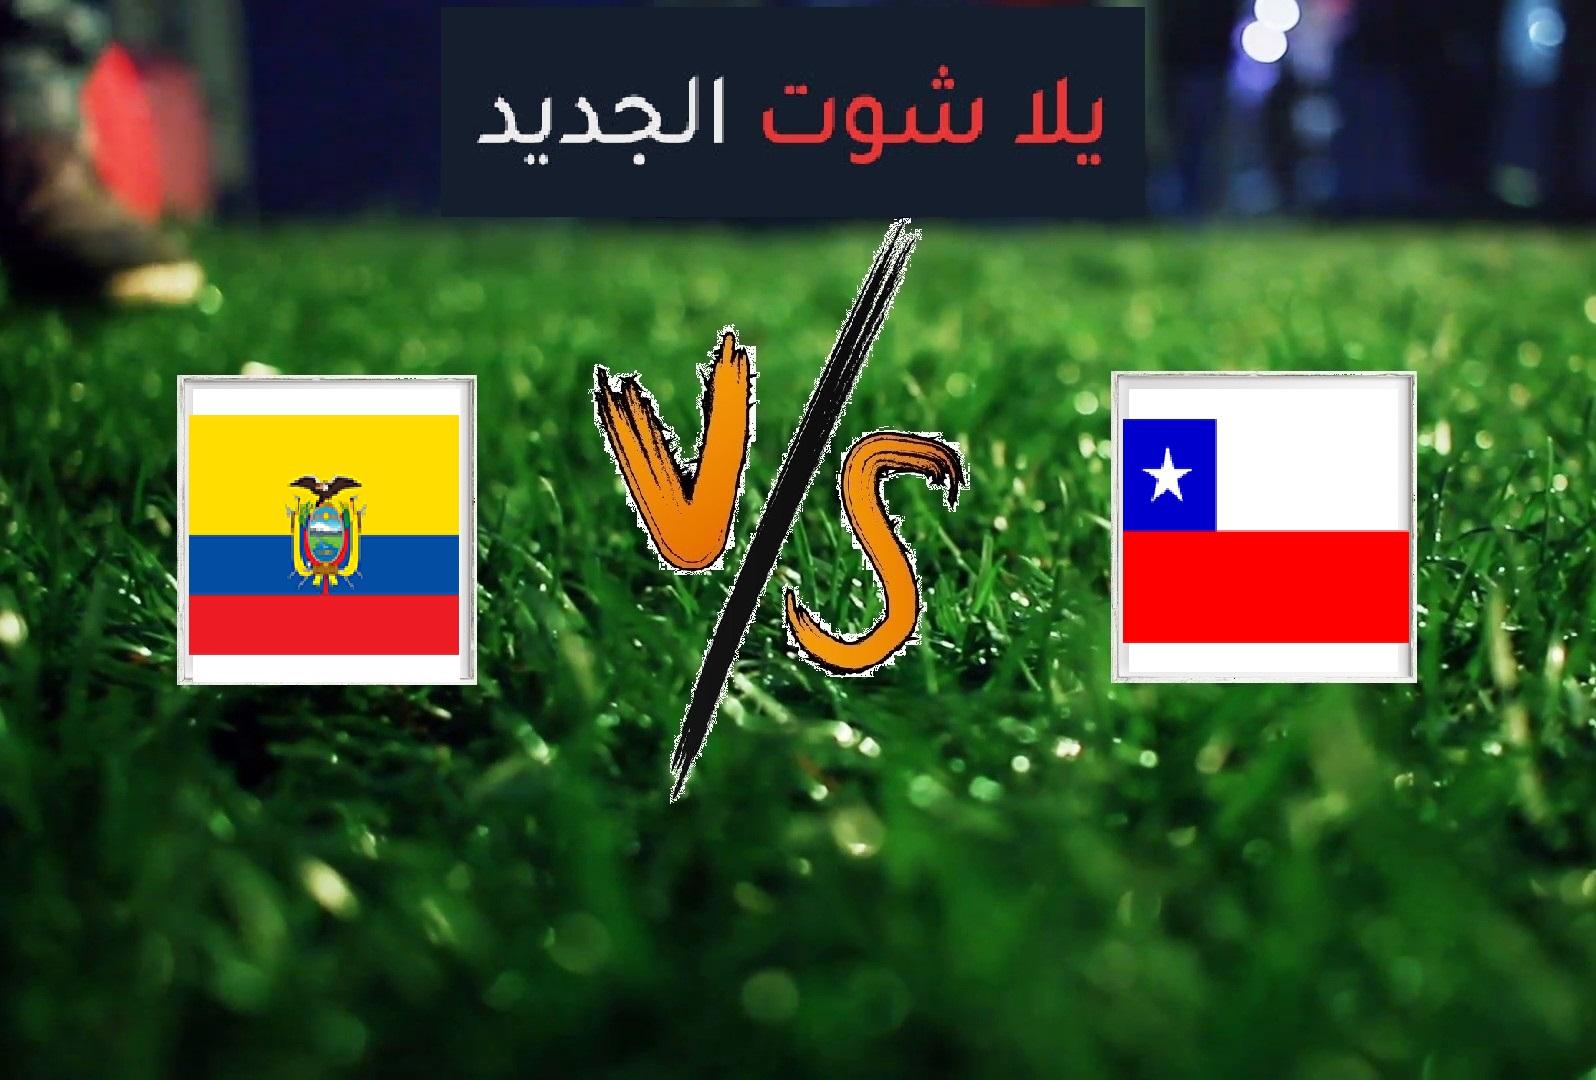 ملخص مباراة الإكوادور وتشيلي بتاريخ 22-06-2019 كوبا أمريكا 2019